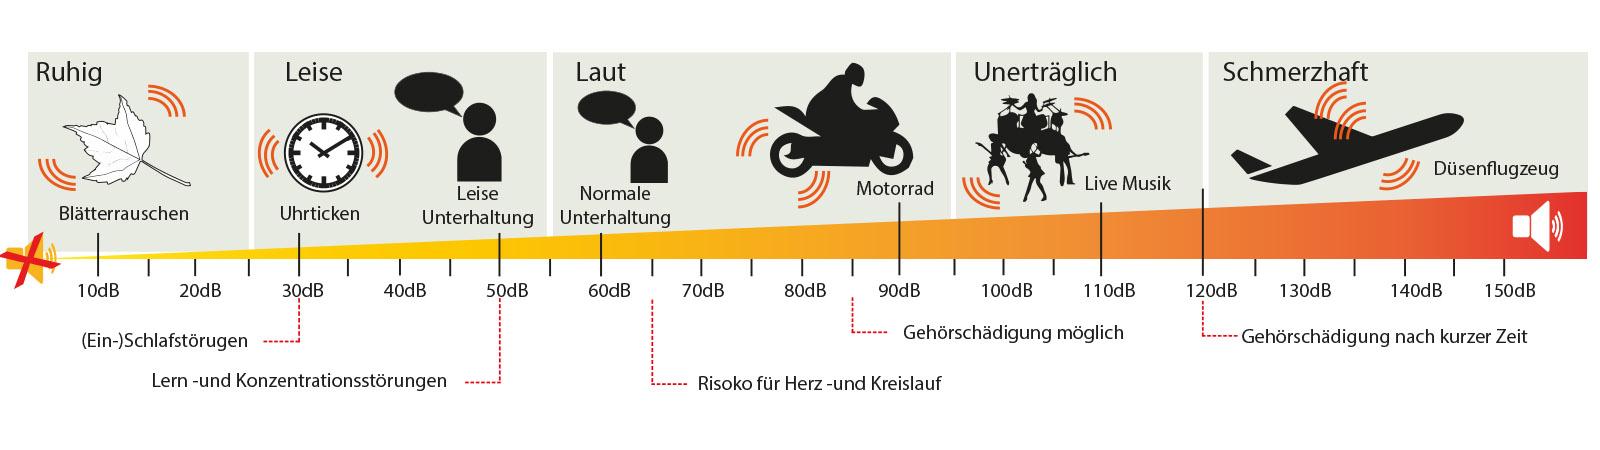 http://www.kleinheider-hoersysteme.de/data/media/kopfabbildungen/abb_header10.jpg